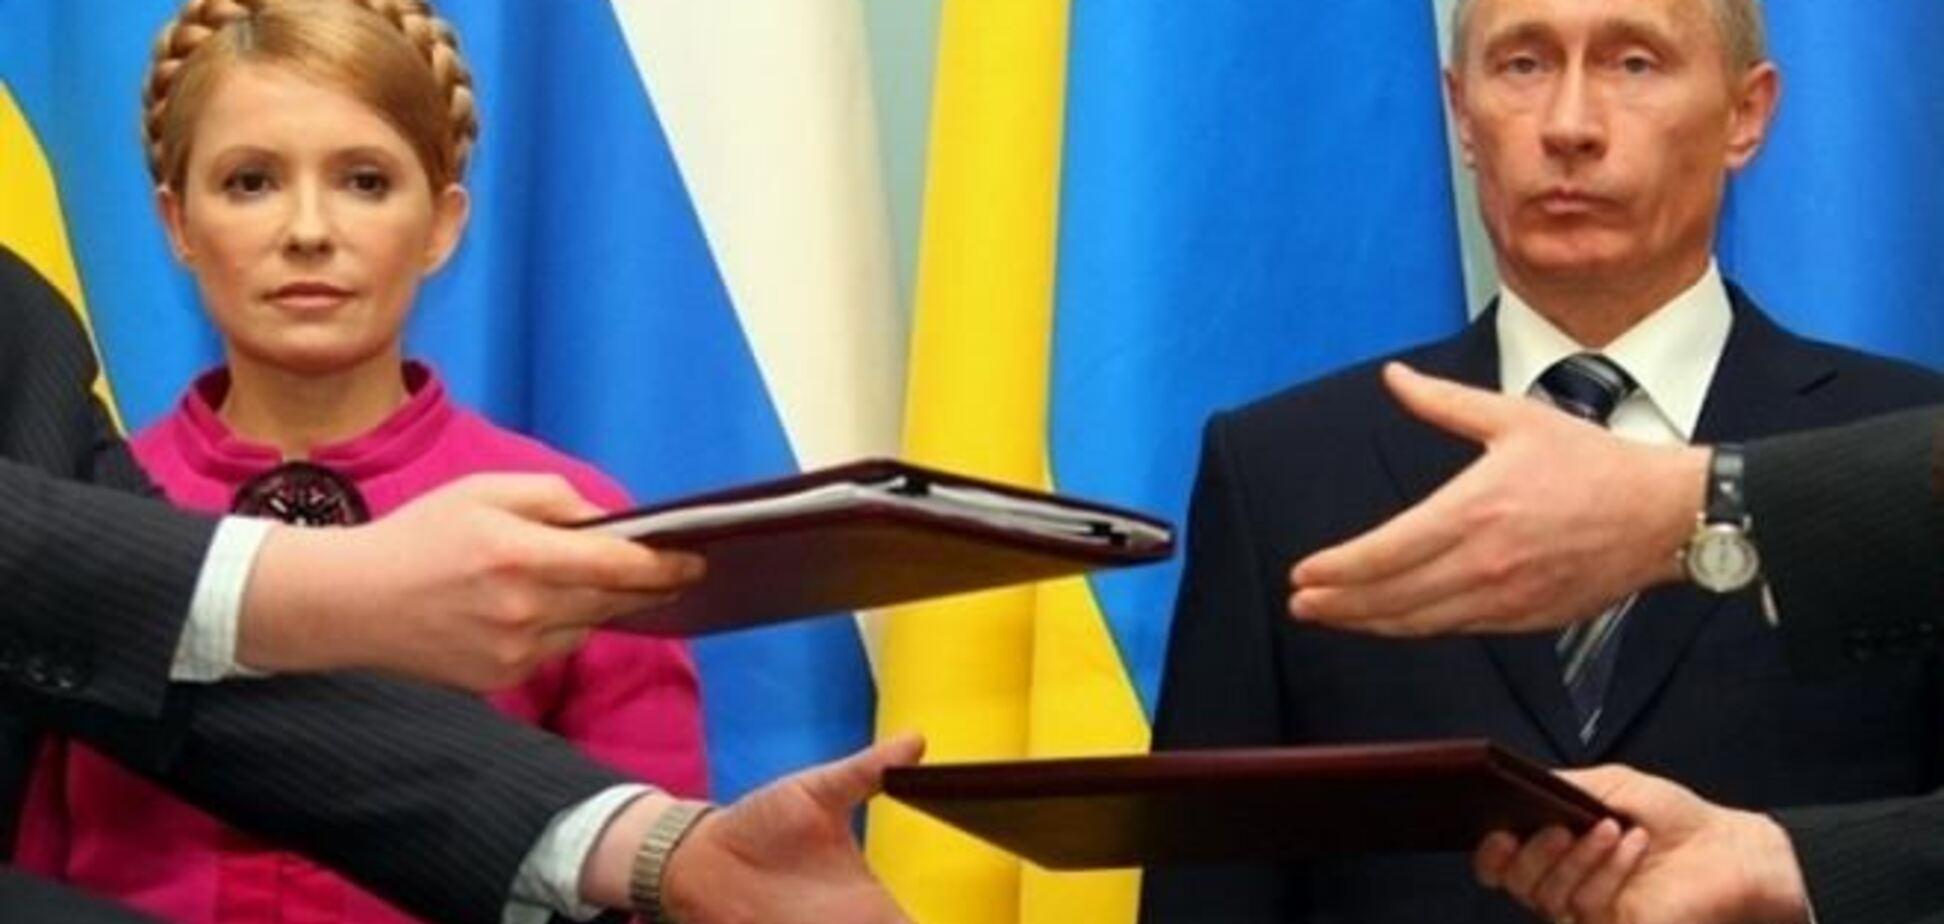 Путин и Тимошенко заинтересованы в срыве выборов президента Украины - Илларионов